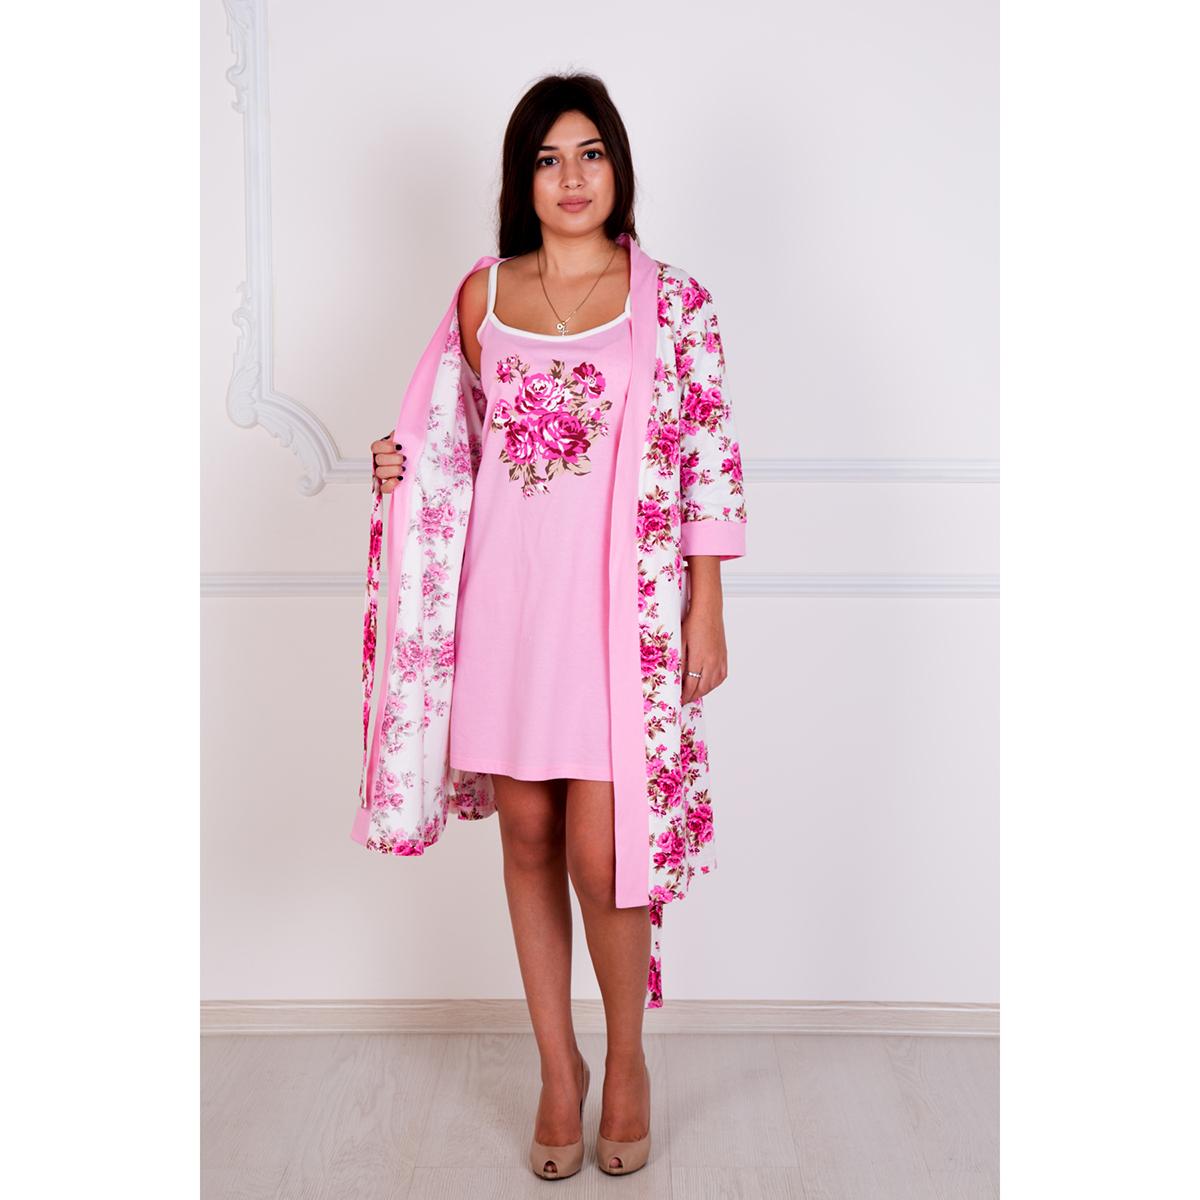 Женский комплект Роза, размер 42Пижамы и ночные сорочки<br>Обхват груди:84 см<br>Обхват талии:65 см<br>Обхват бедер:92 см<br>Рост:167 см<br><br>Тип: Жен. сорочка<br>Размер: 42<br>Материал: Кулирка